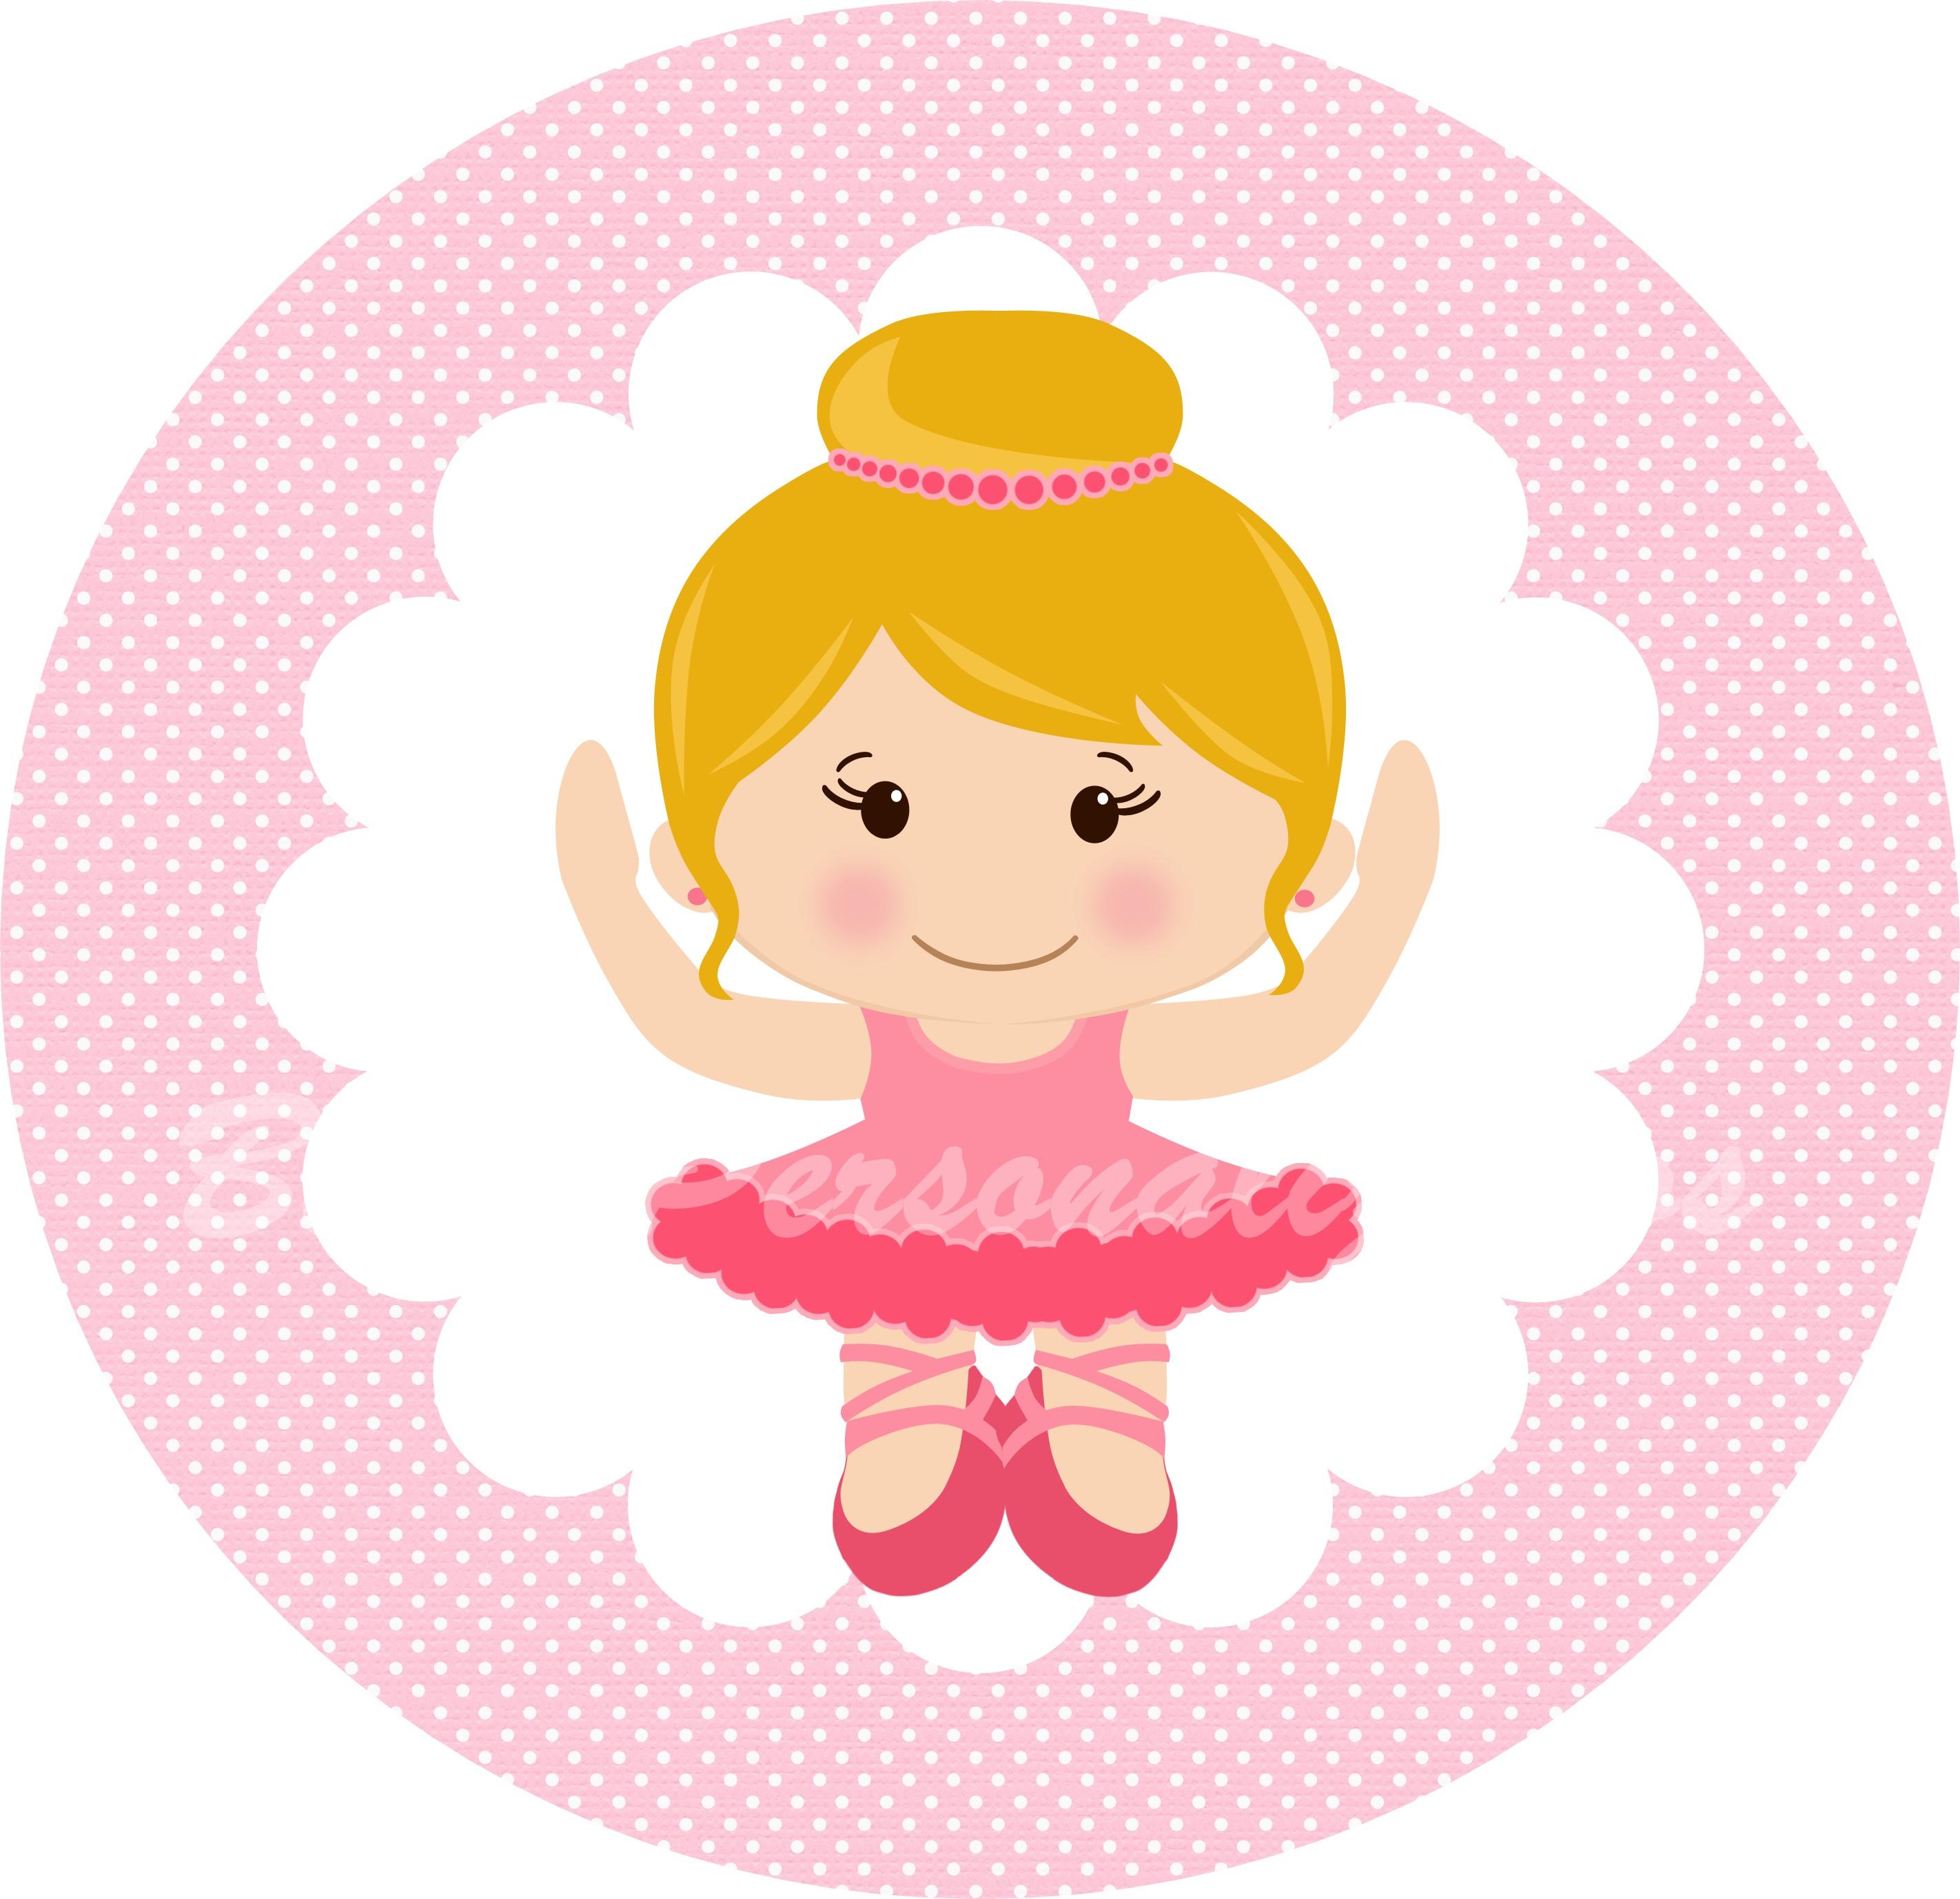 Adesivo De Parede Onde Encontrar ~ Kit Arte Bailarina 010 Karina Convites e Lembranças Personalizadas Elo7